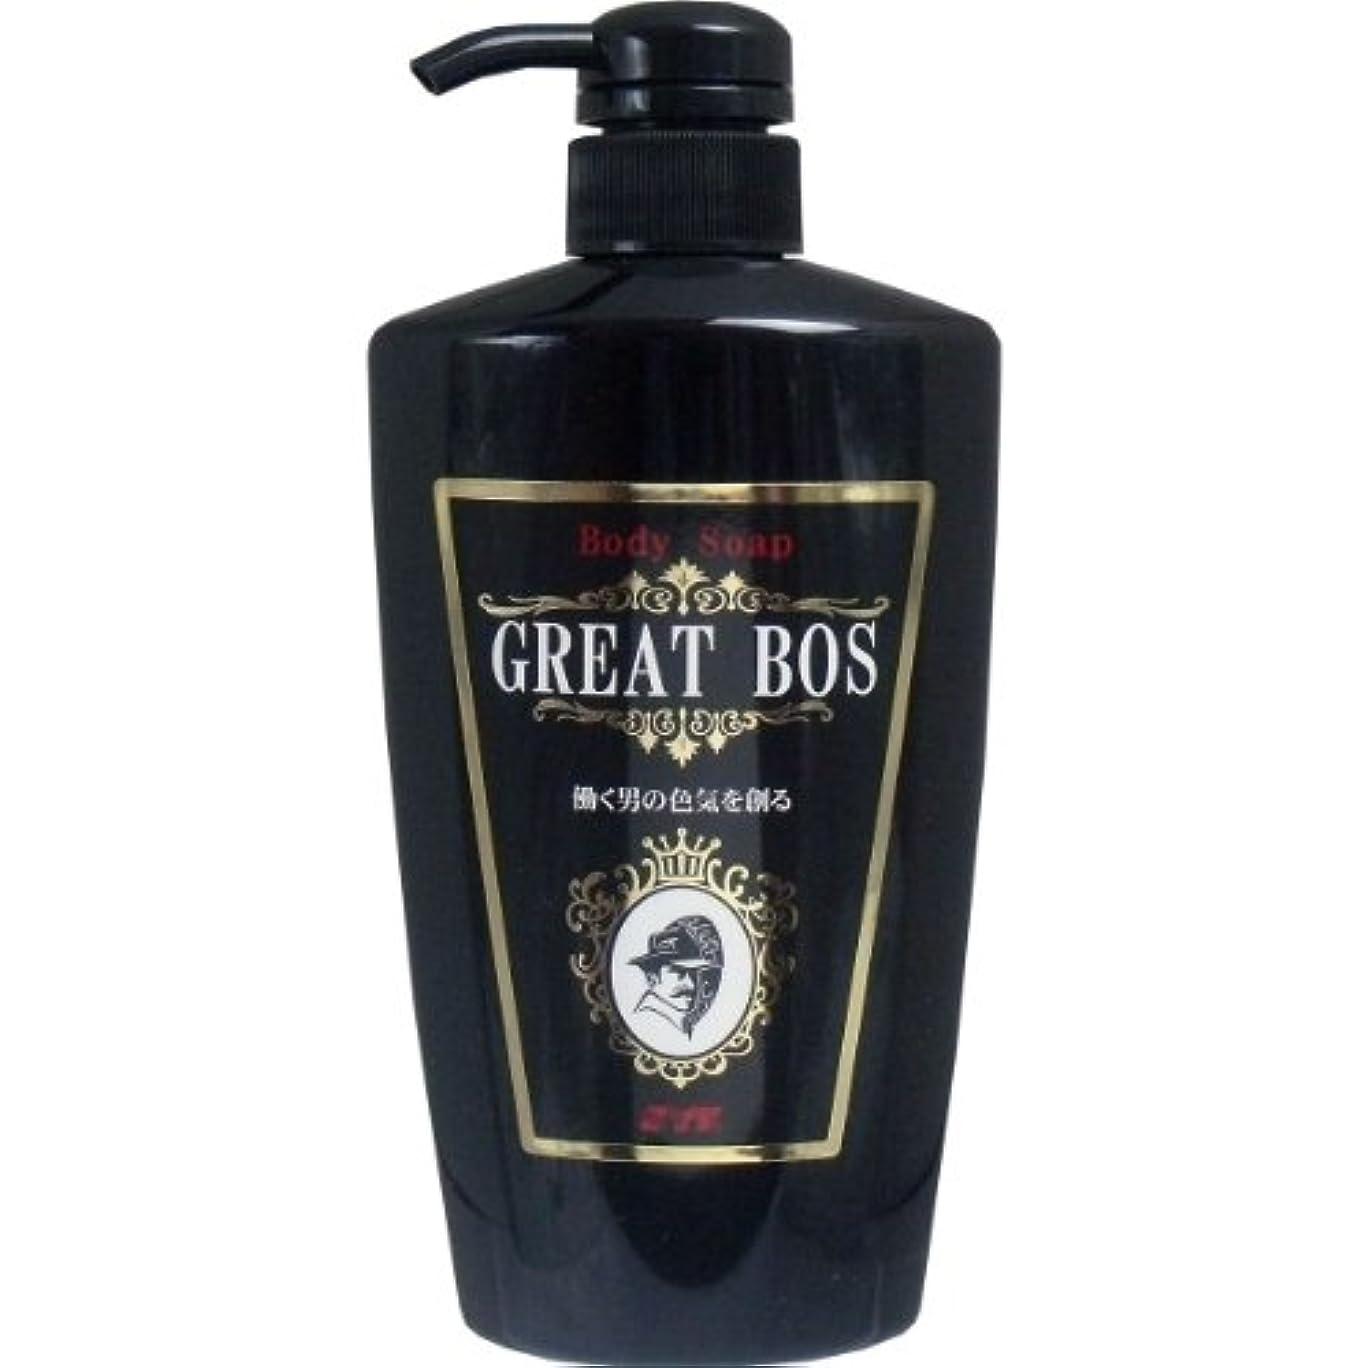 食い違い陰気パスポートSYK ボディソープ GREAT BOS(グレートボス) 480ml